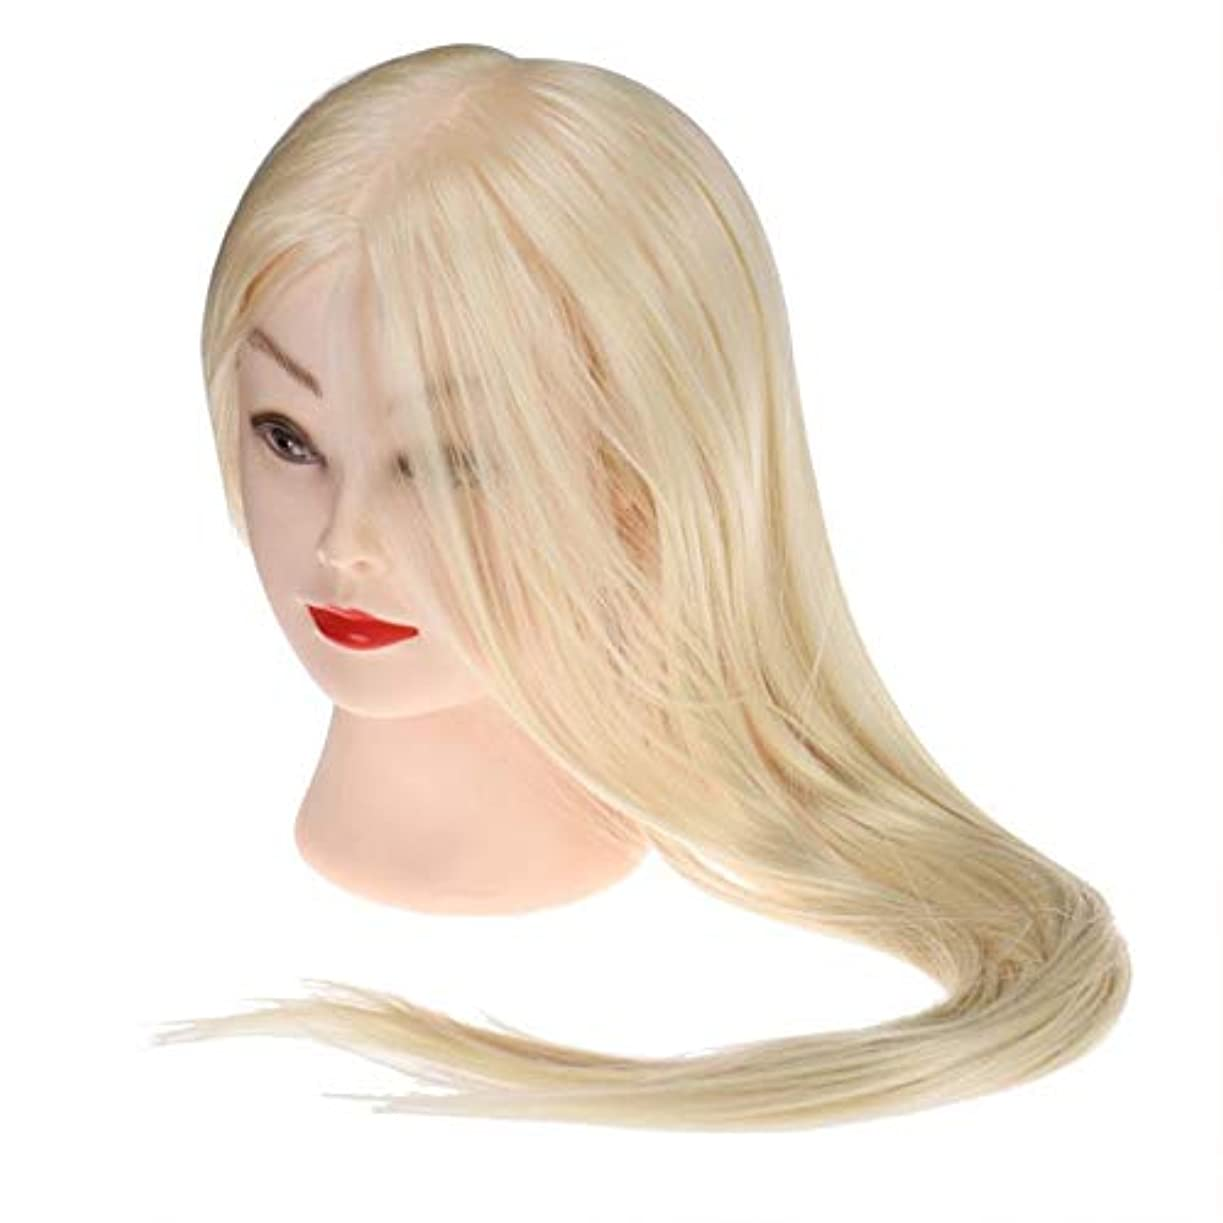 浪費めまいが離れたサロン散髪練習ヘッドモデルメイク学校編組髪開発学習モデルヘッドヘアストレートロングかつら